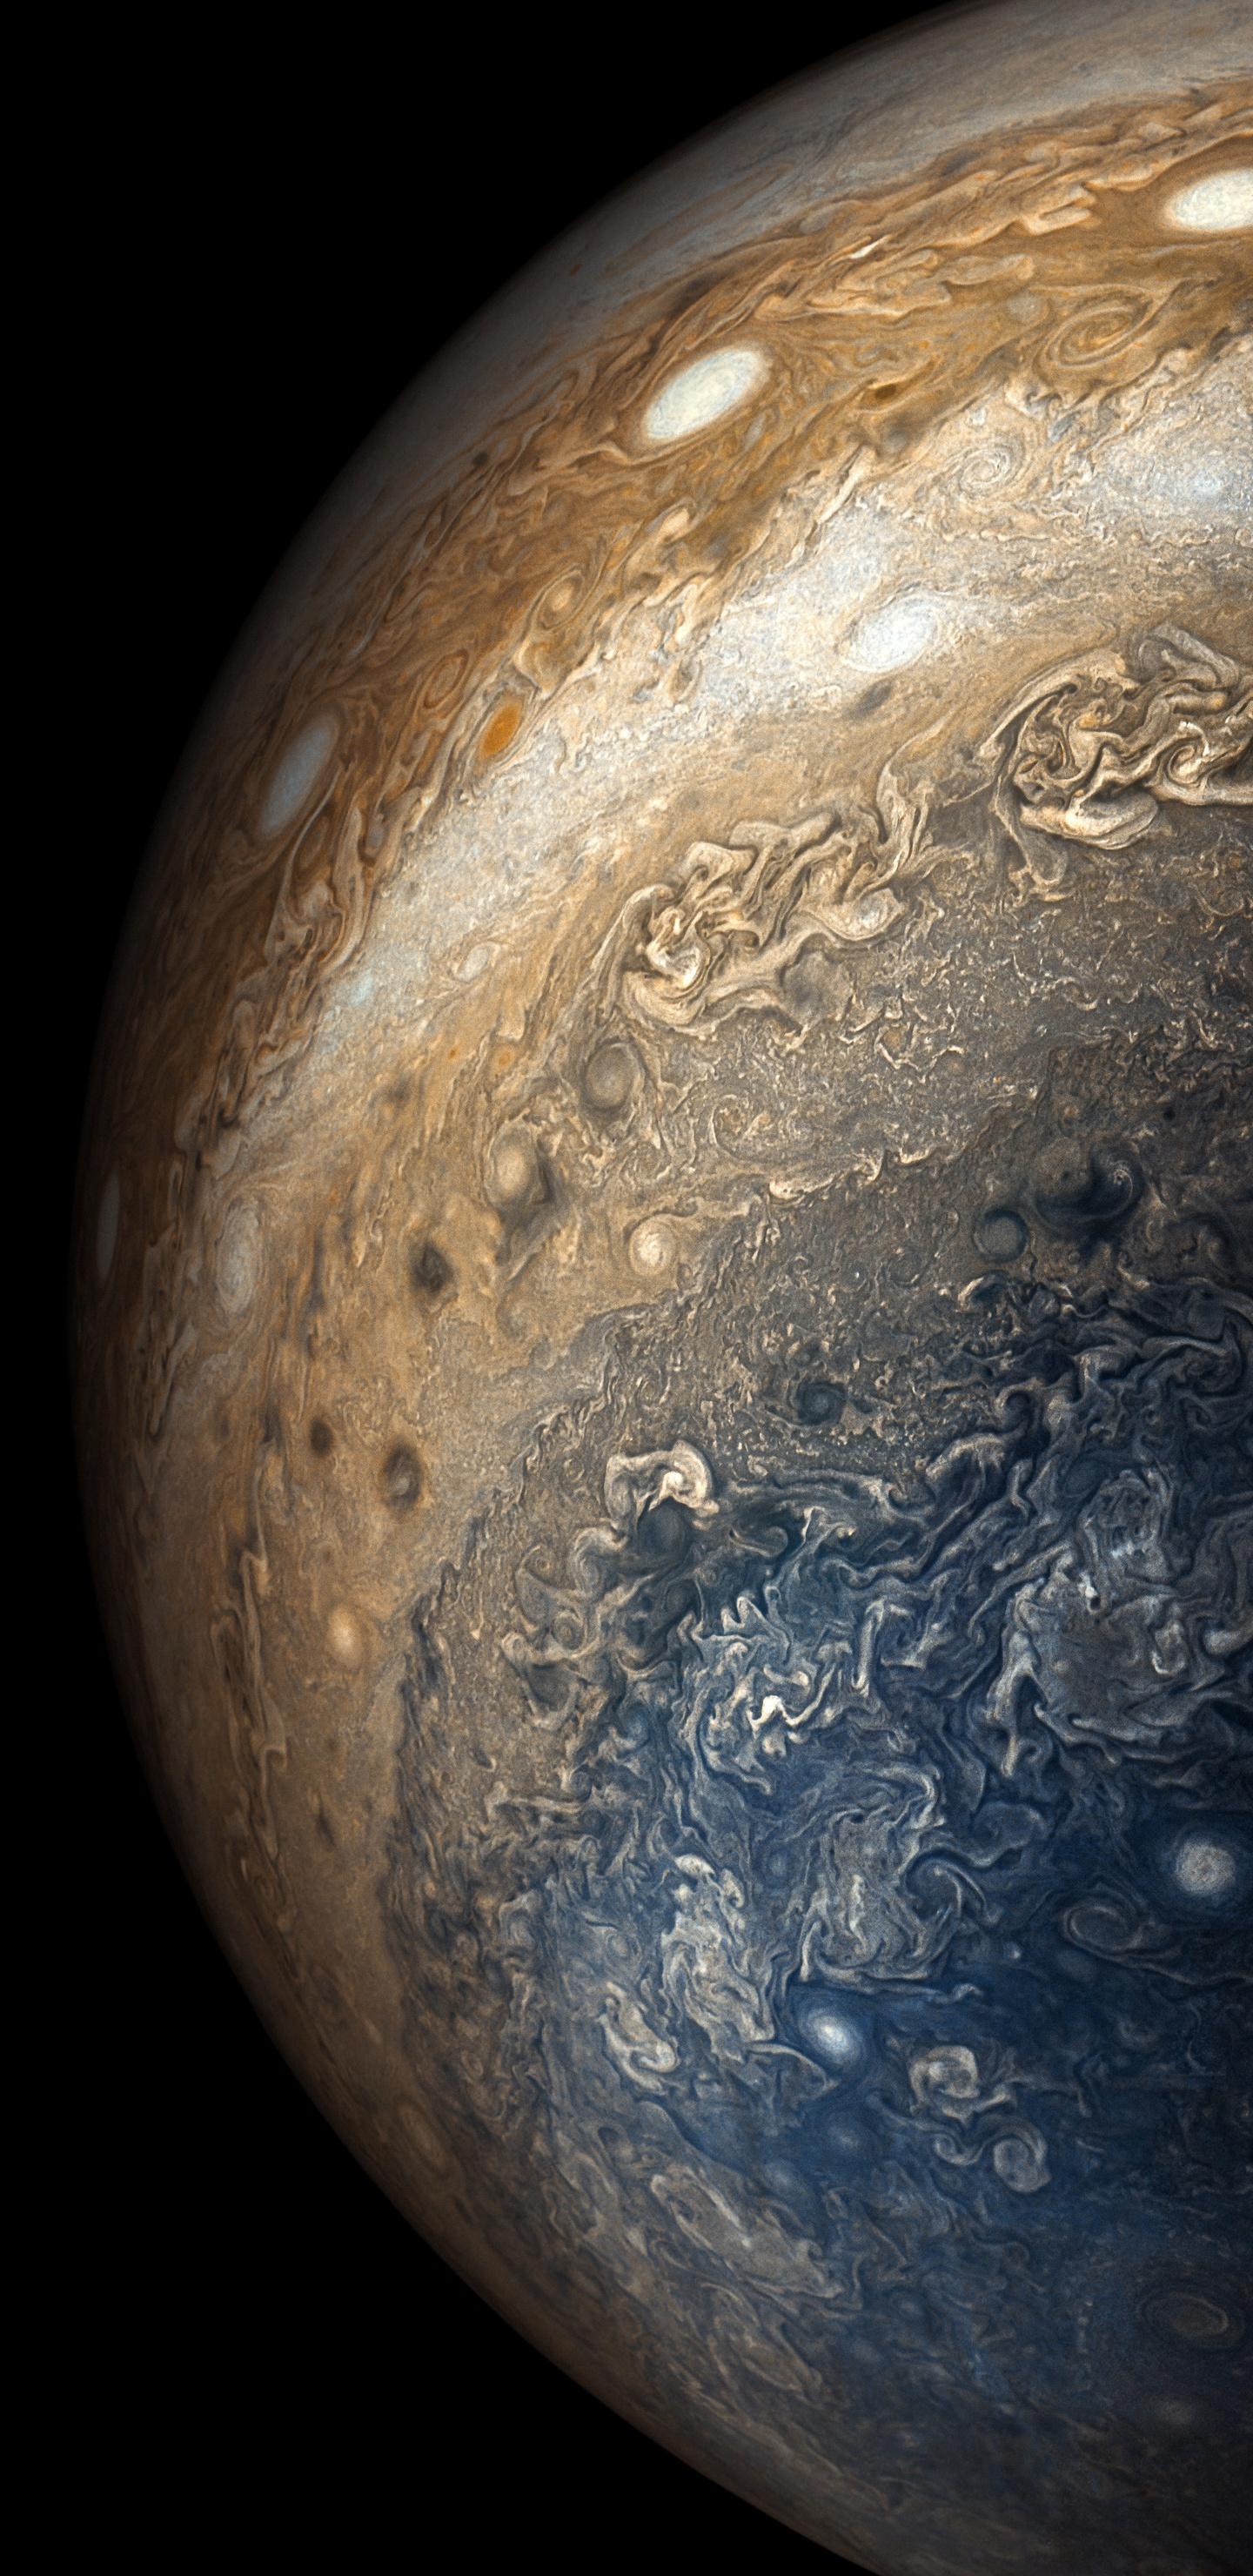 1440x2960 Jupiter Planet 8K Samsung Galaxy Note 9,8, S9,S8 ...